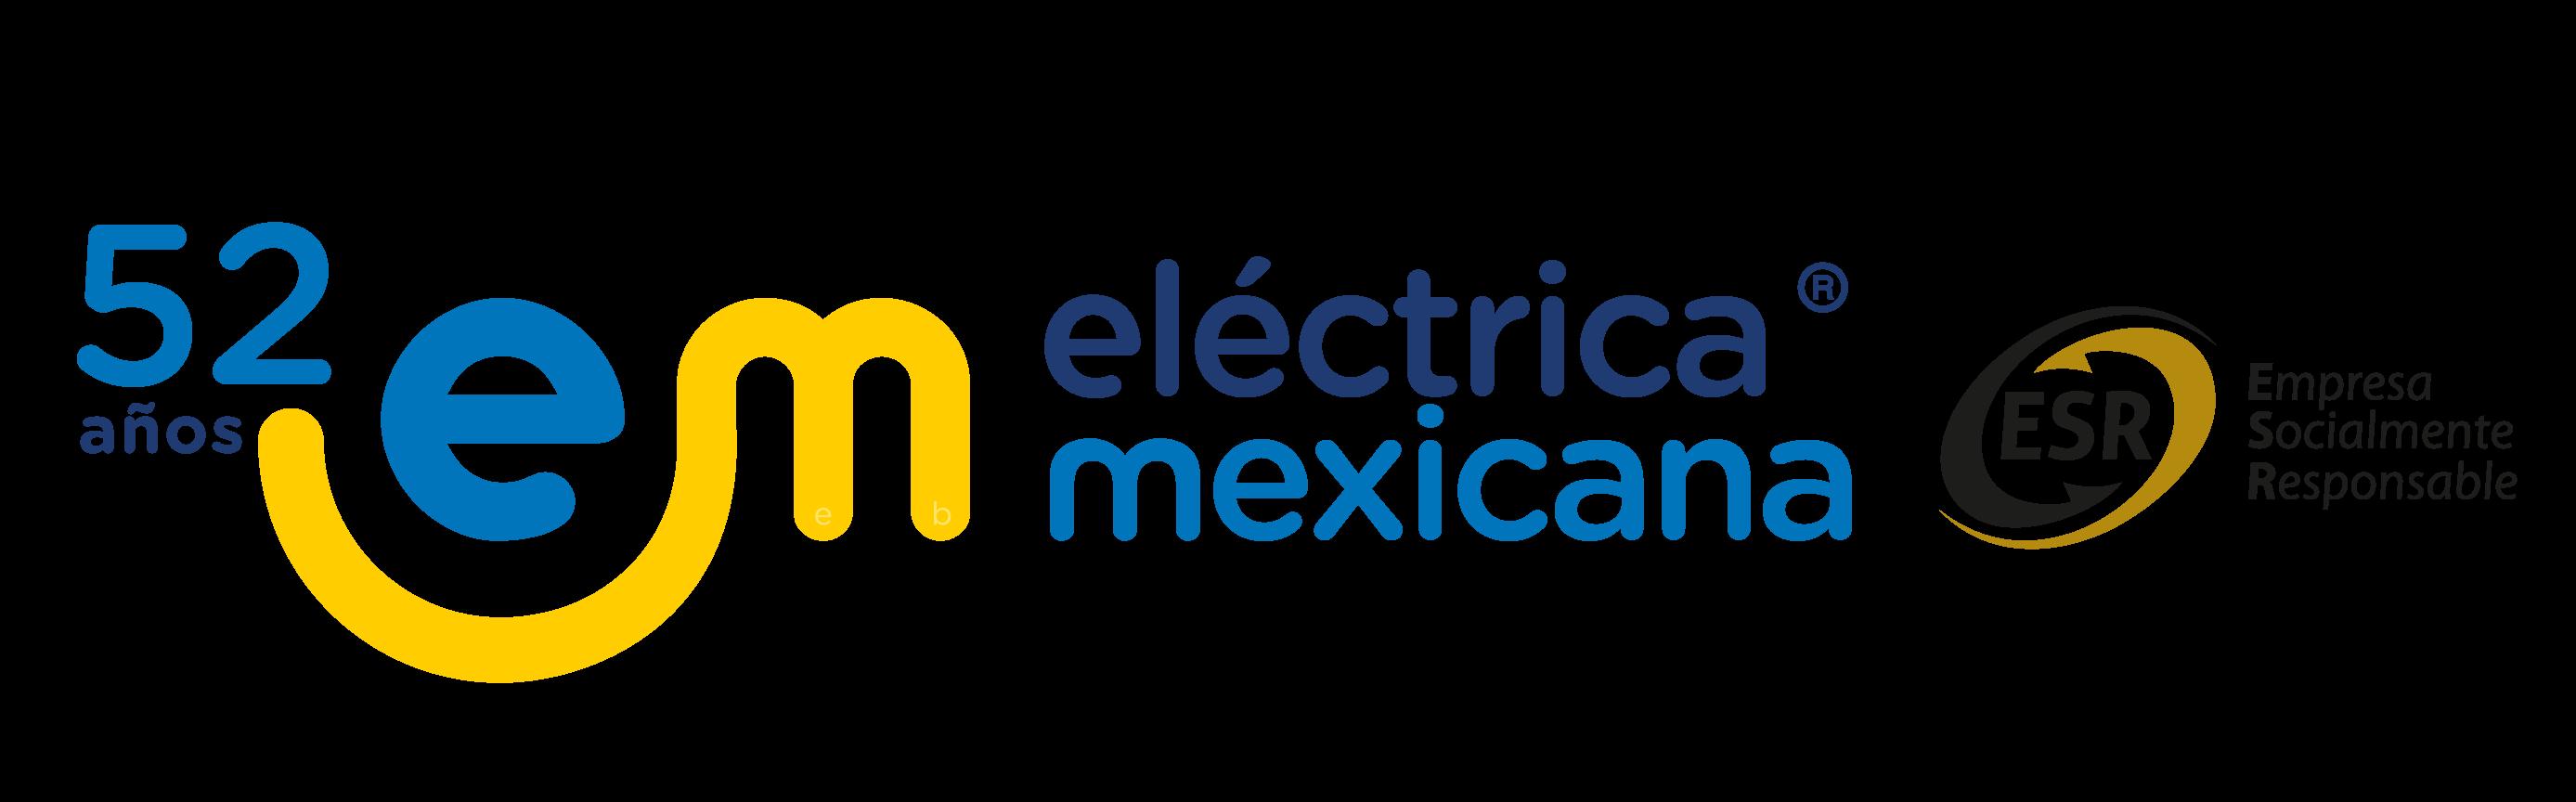 Eléctrica Mexicana